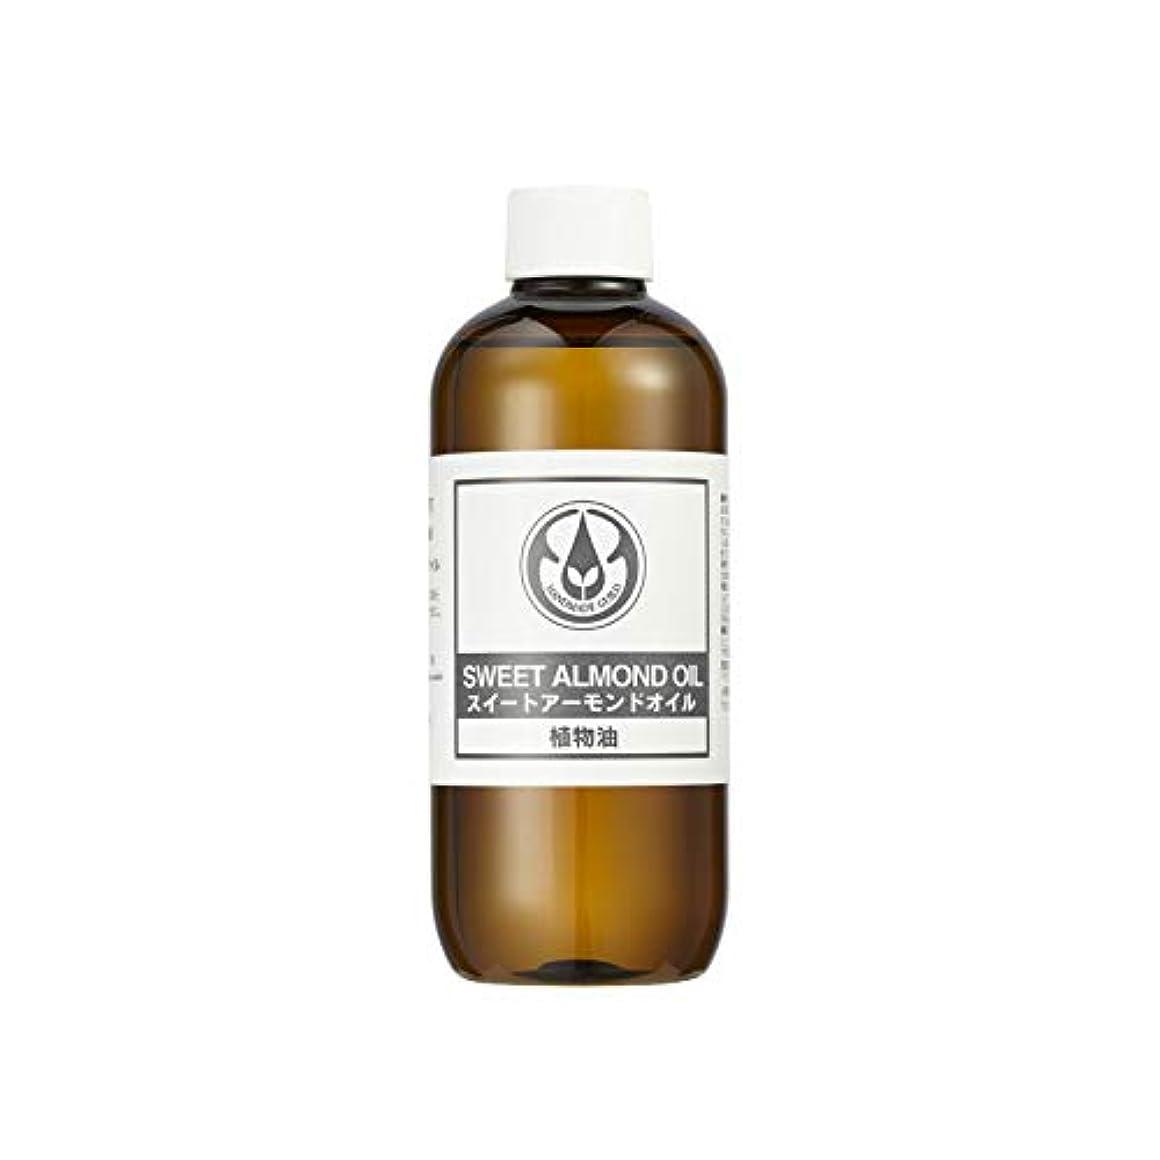 雑種ウサギサンドイッチ生活の木 スイート アーモンド油 250ml 2本